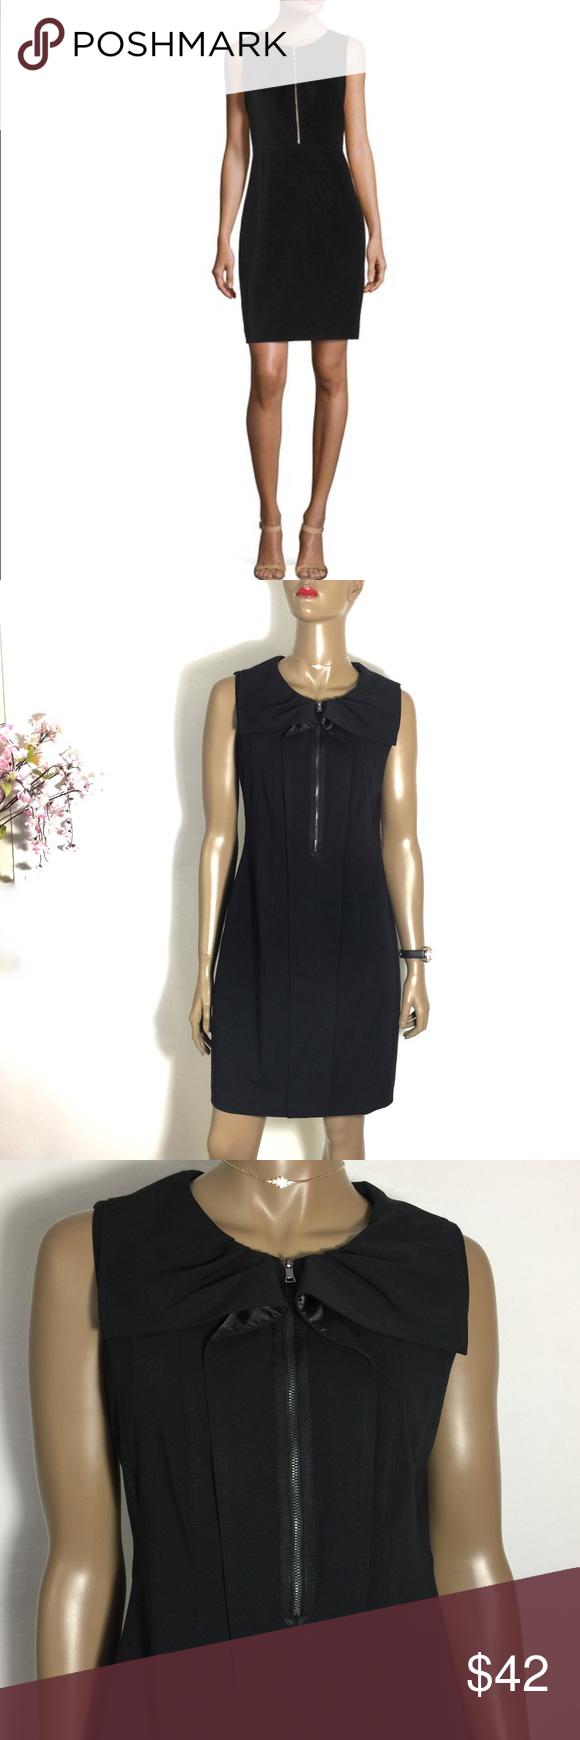 Elie Tahari Black Jadea Sleeveless Zip Front Dress Zip Front Dress Elie Tahari Dresses Clothes Design [ 1740 x 580 Pixel ]